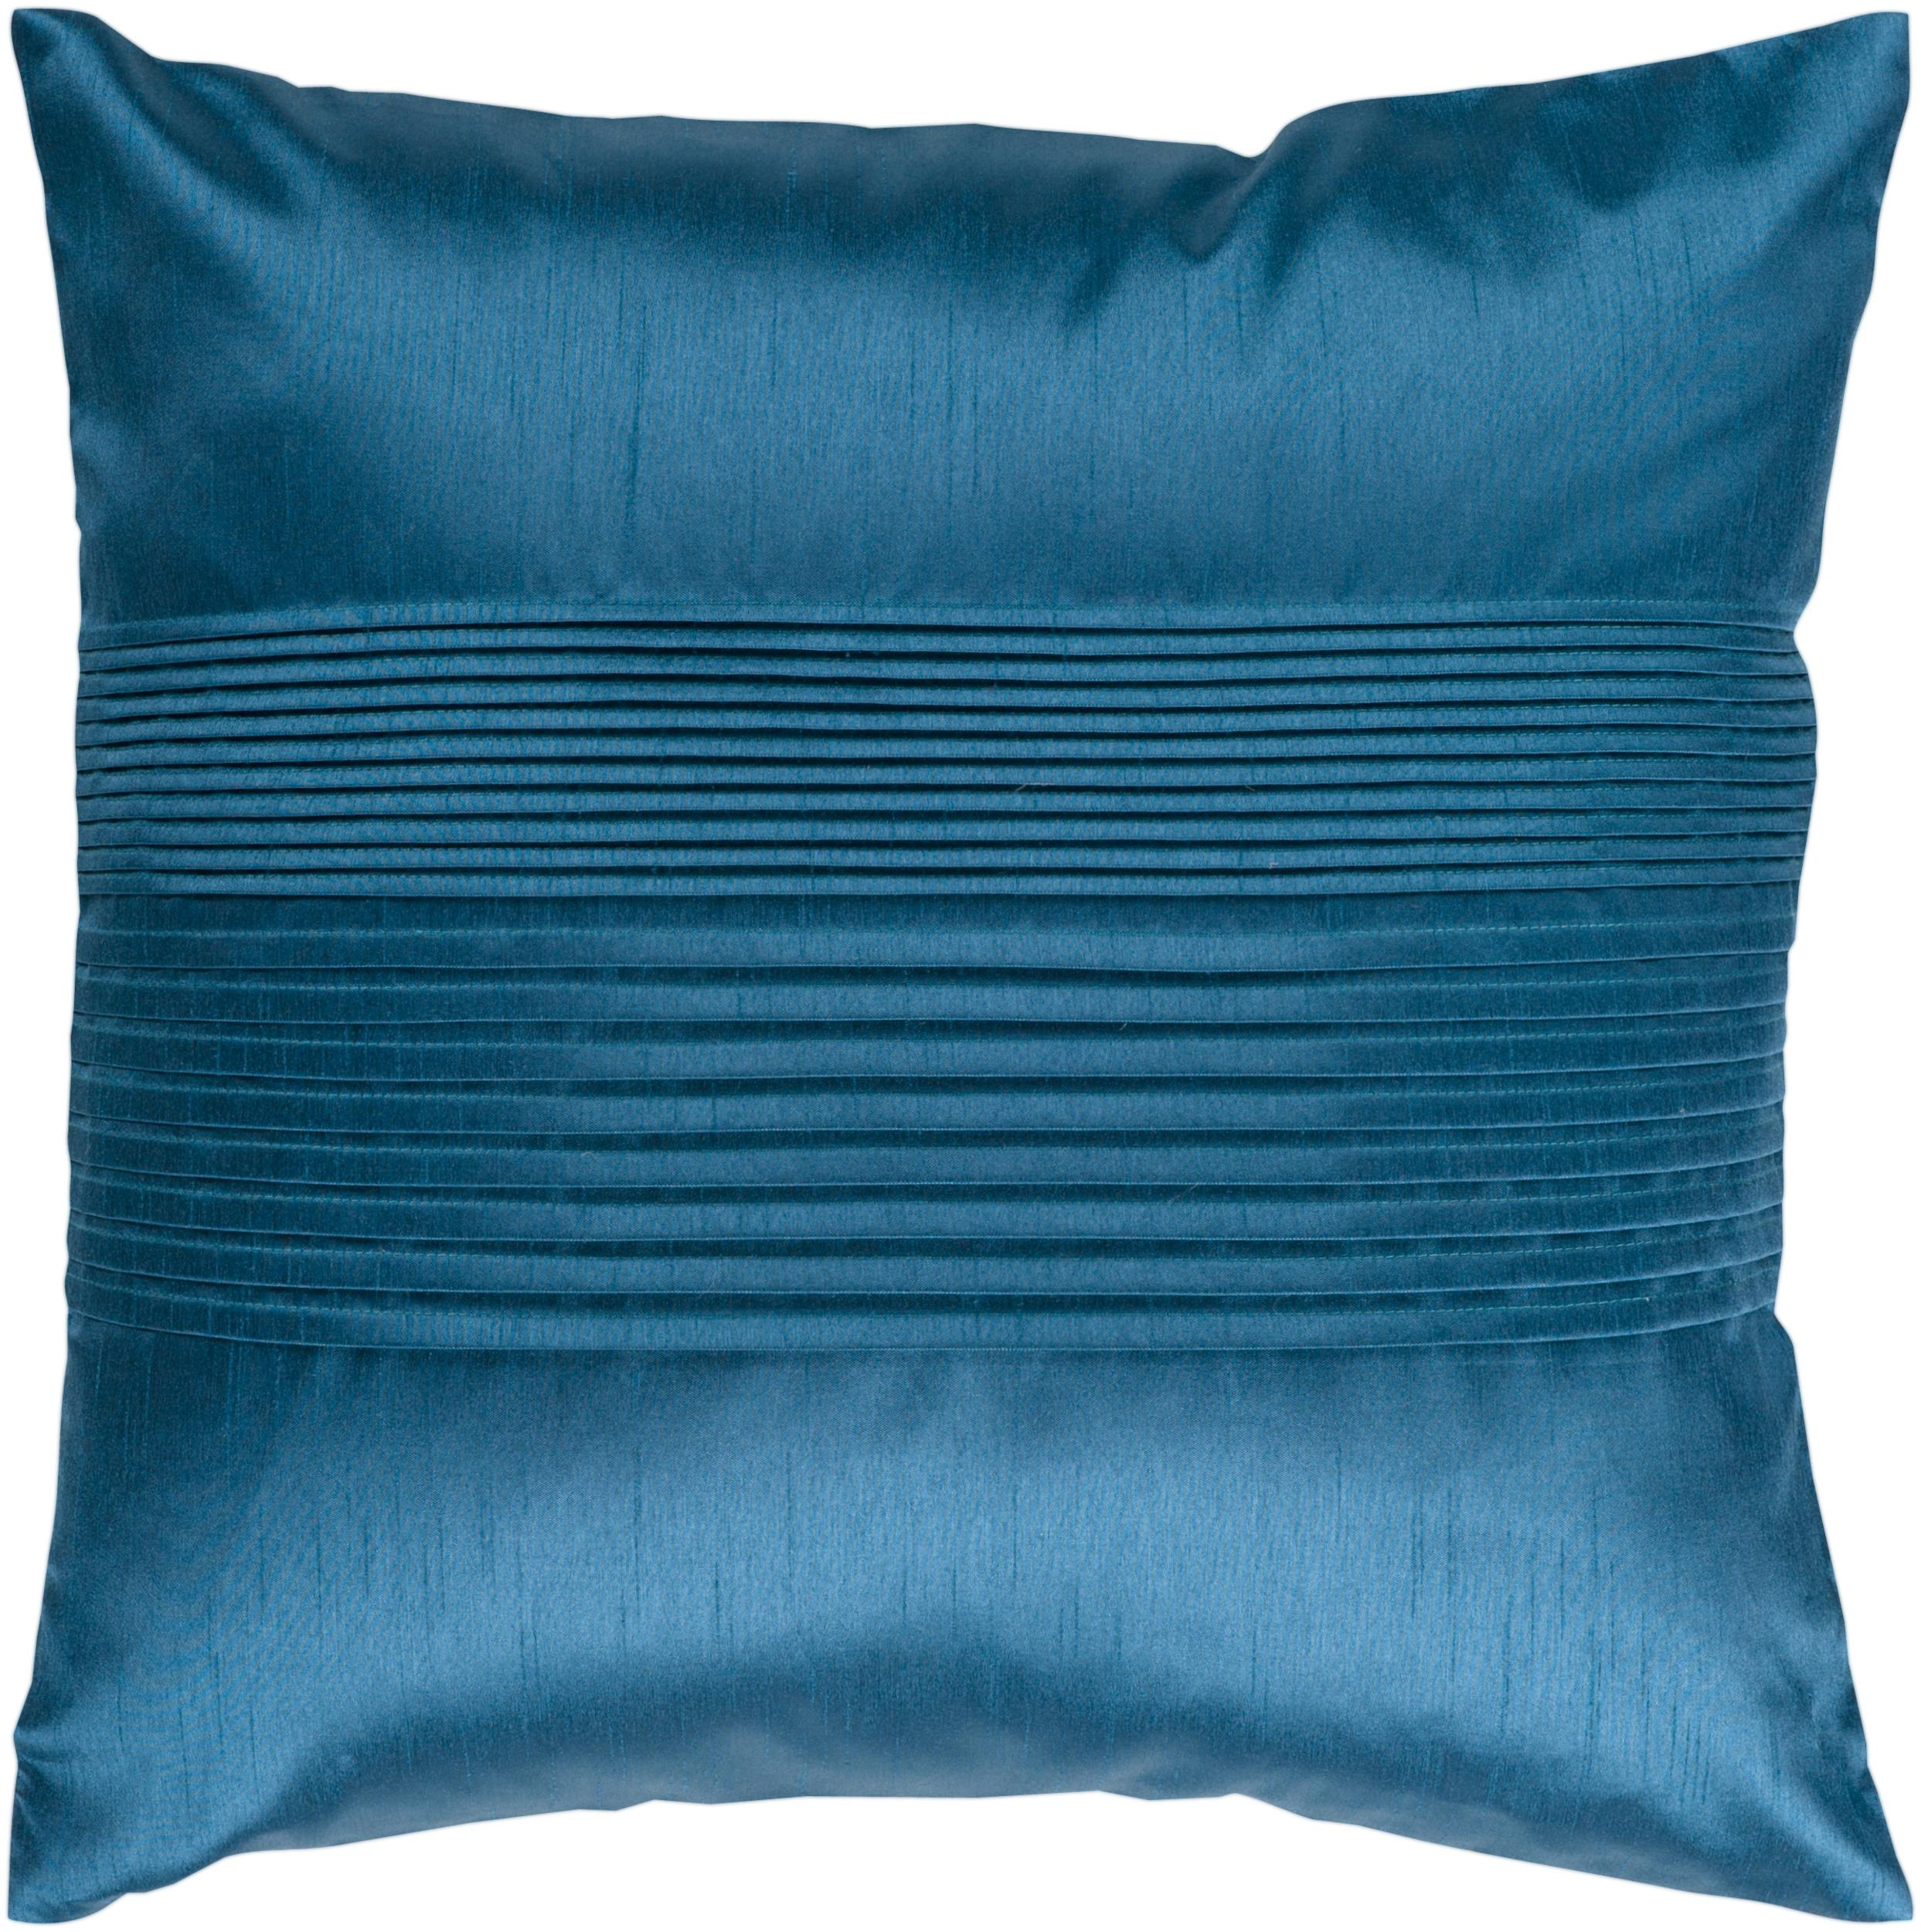 """Surya Pillows 18"""" x 18"""" Pillow - Item Number: HH024-1818P"""